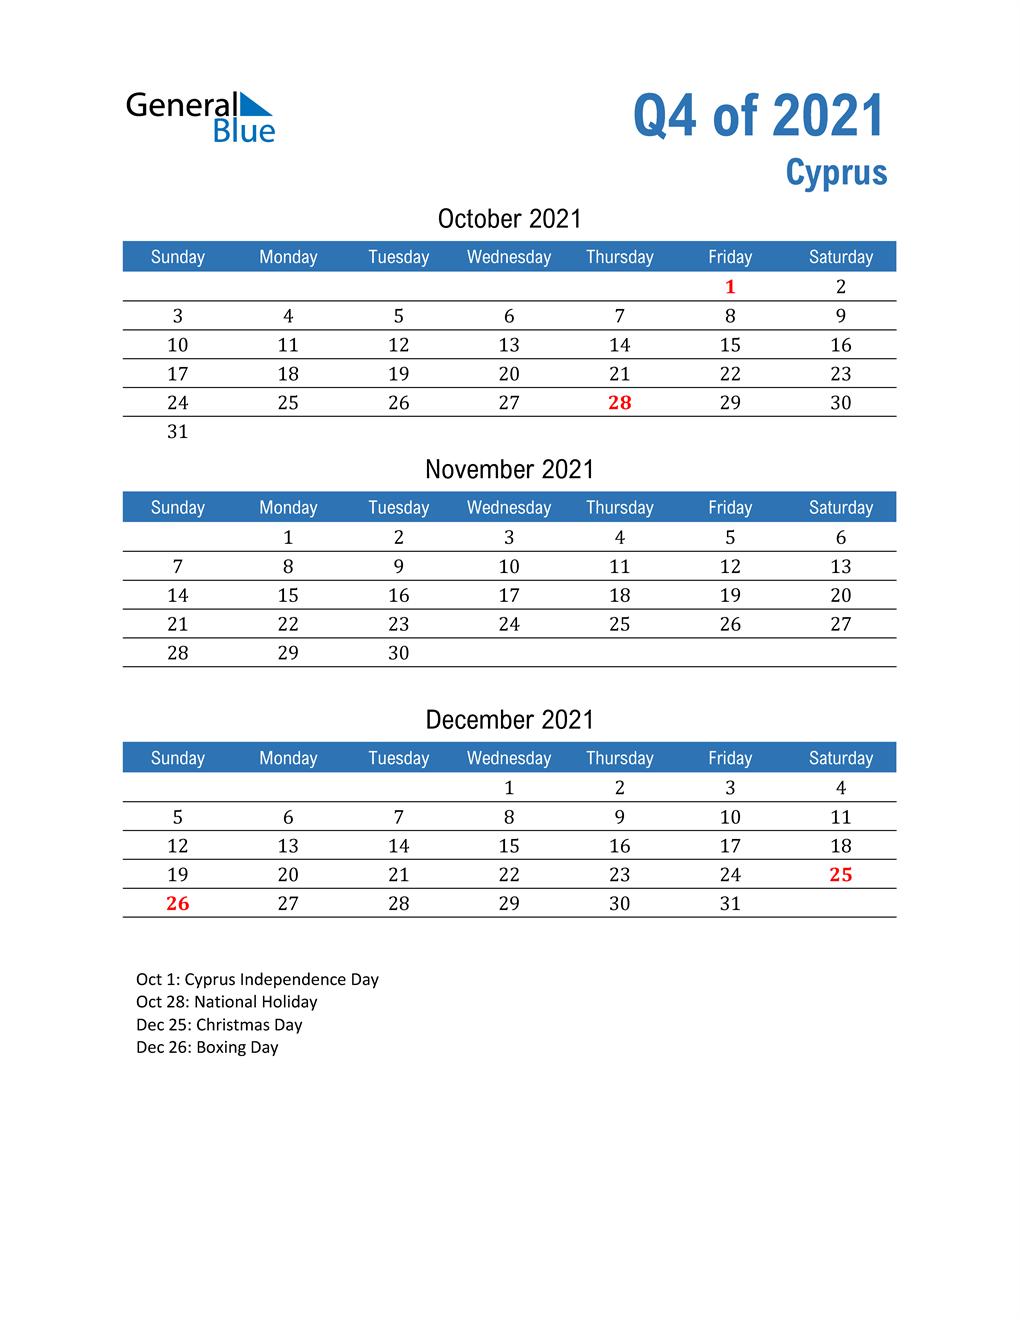 Cyprus 2021 Quarterly Calendar